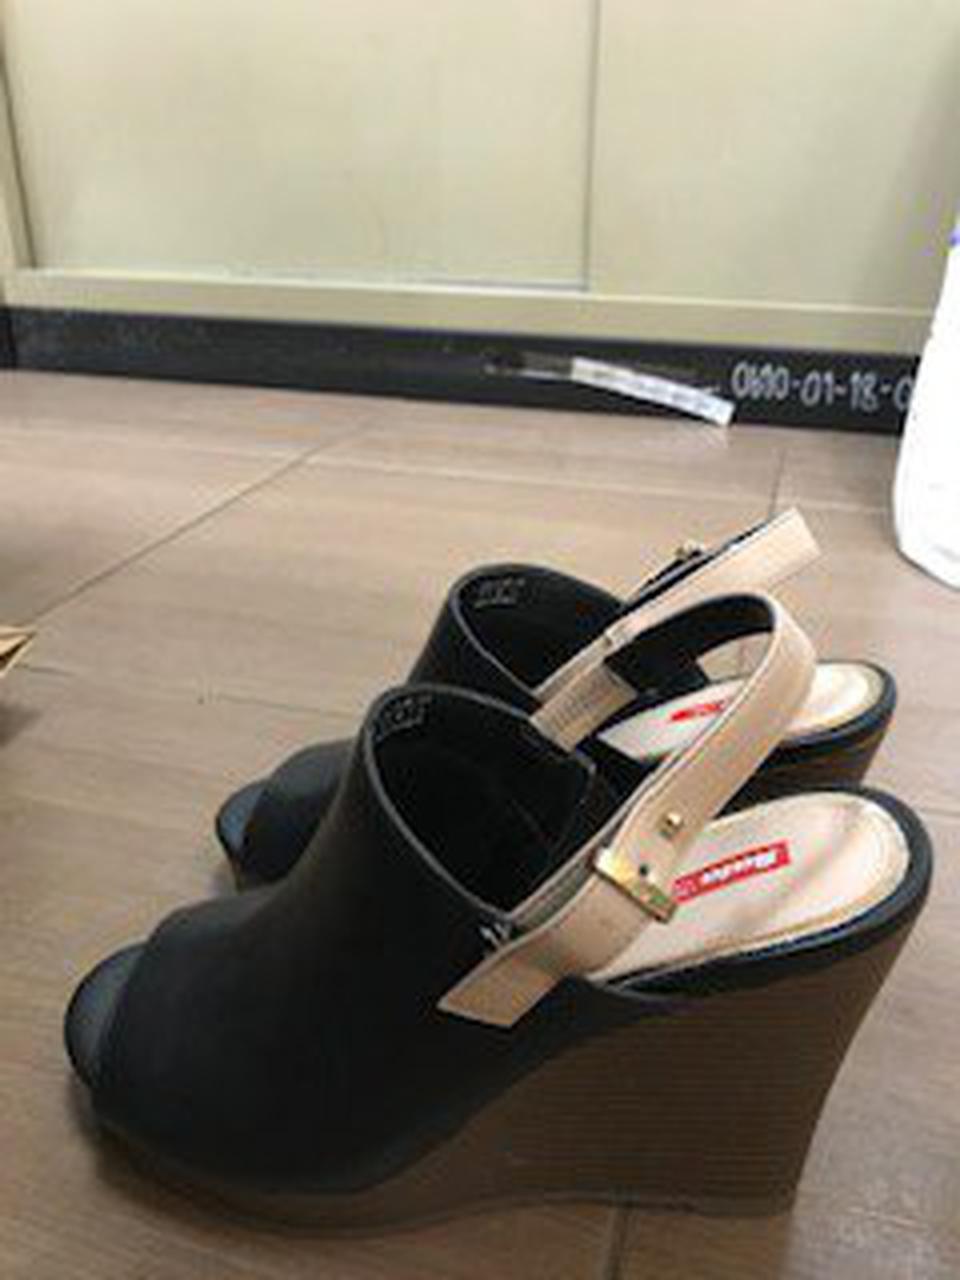 รองเท้าสีดำส้นตึก Bata Red Label เบอร์ 6.0 รูปที่ 1